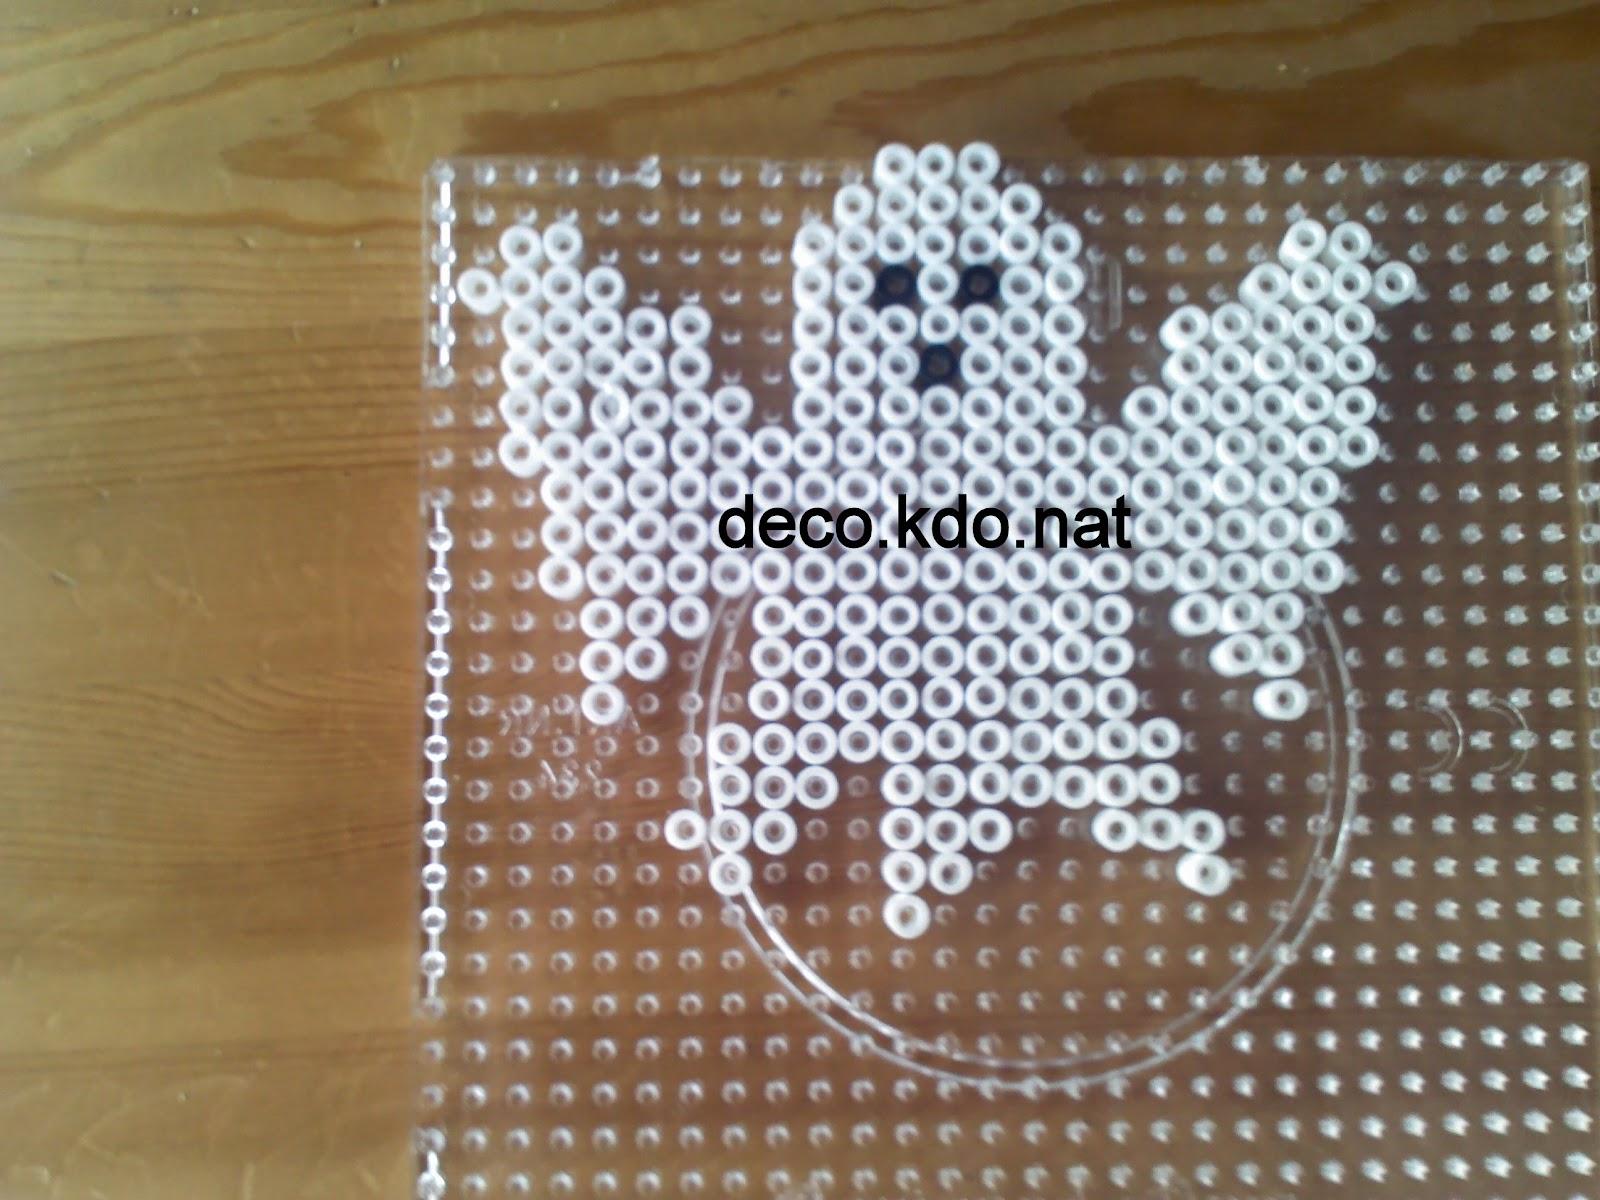 Decokdonat Perles Hama Halloween Petit Fantôme